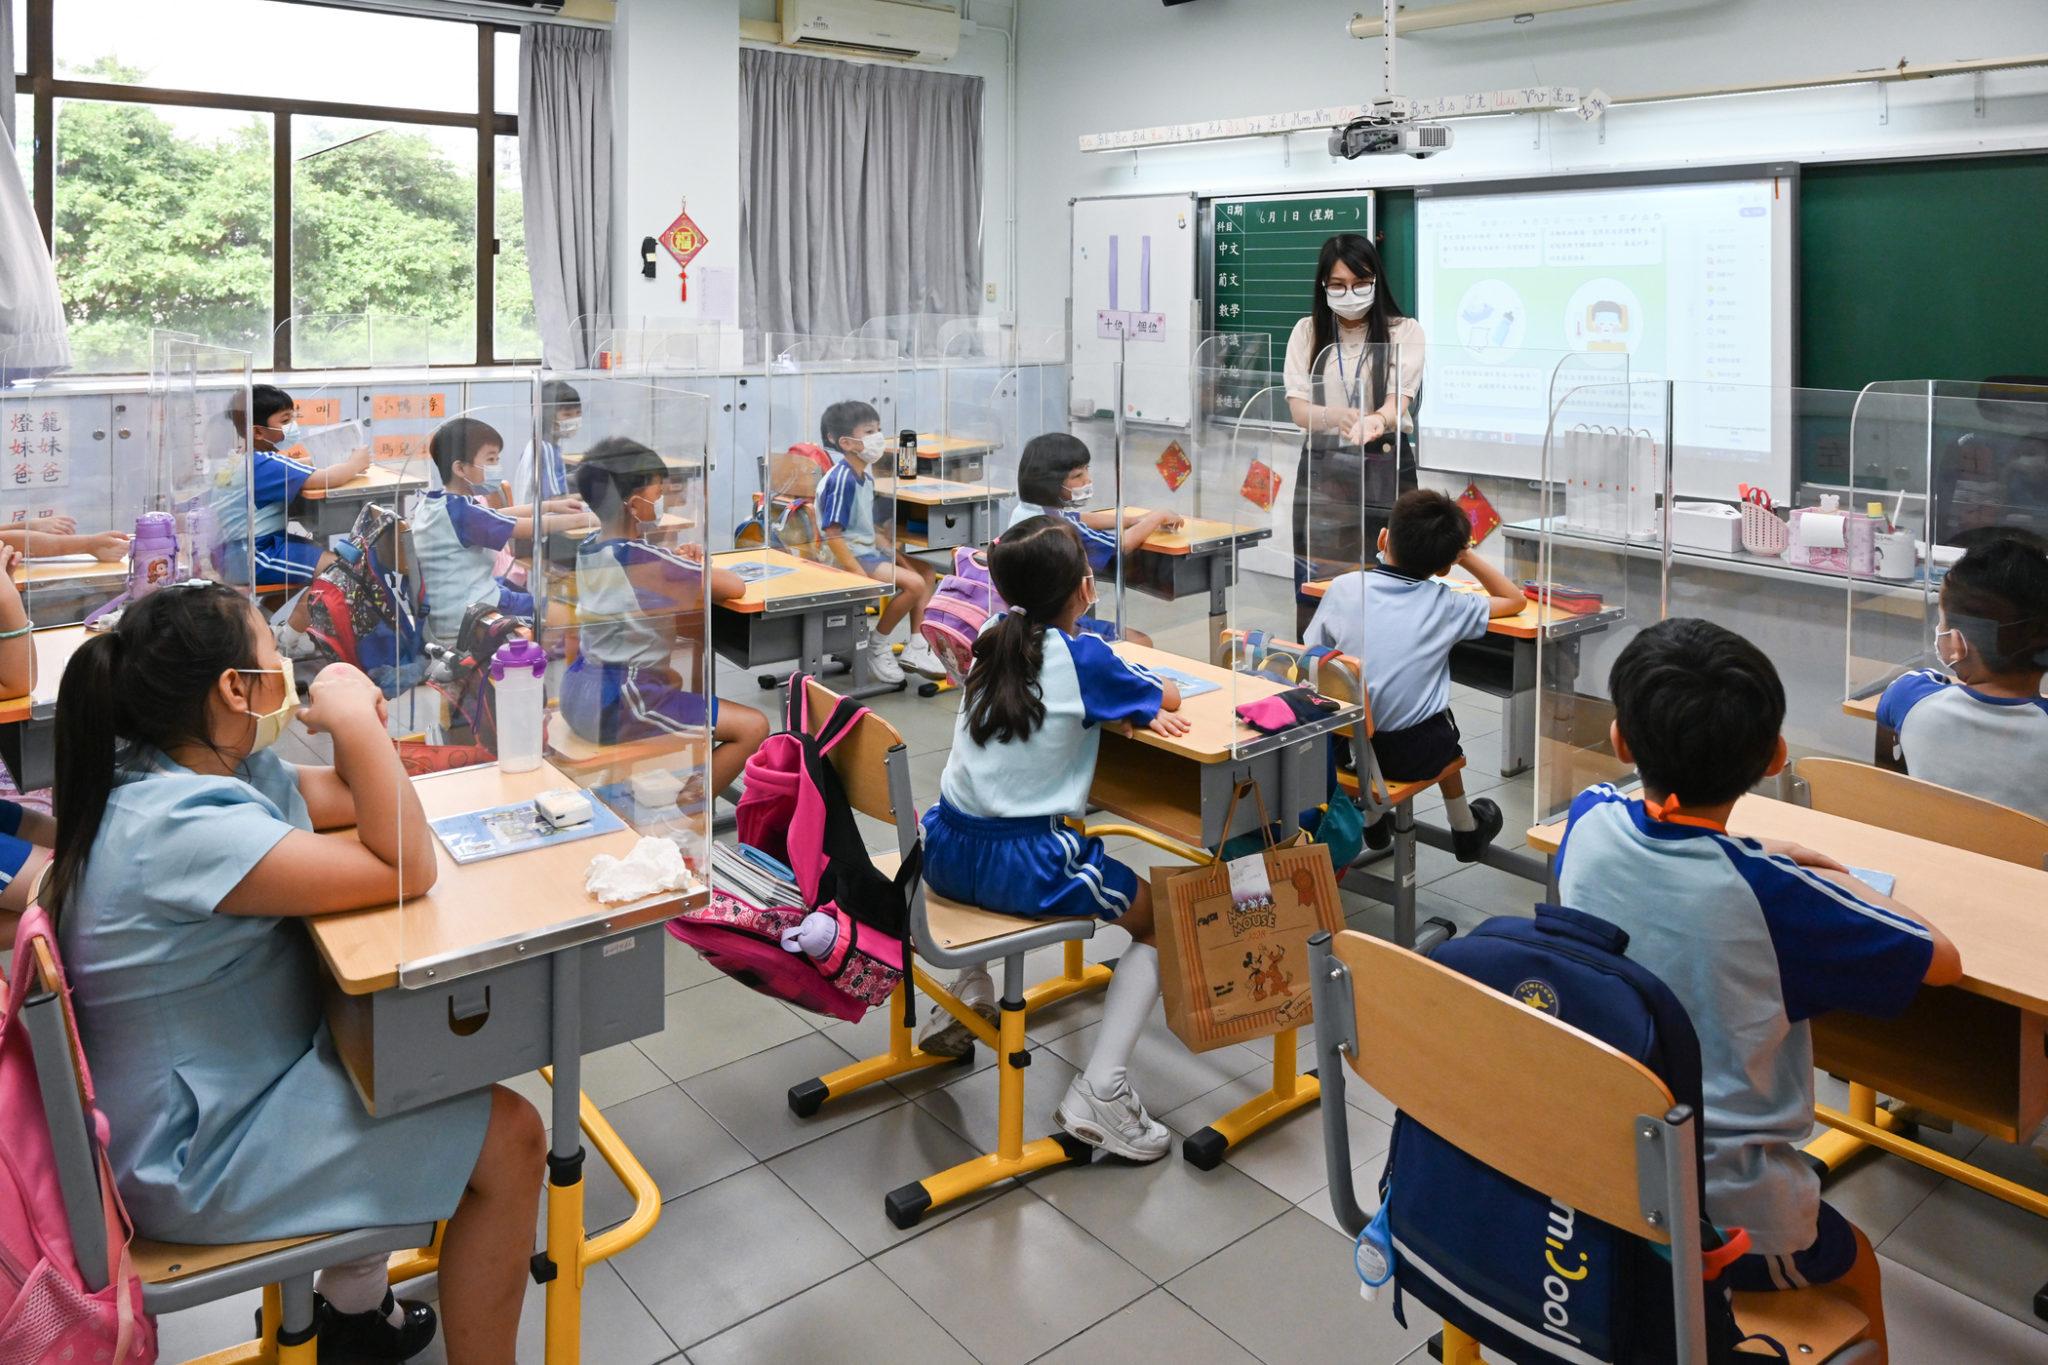 Chumbos abolidos ou limitados do ensino básico ao secundário